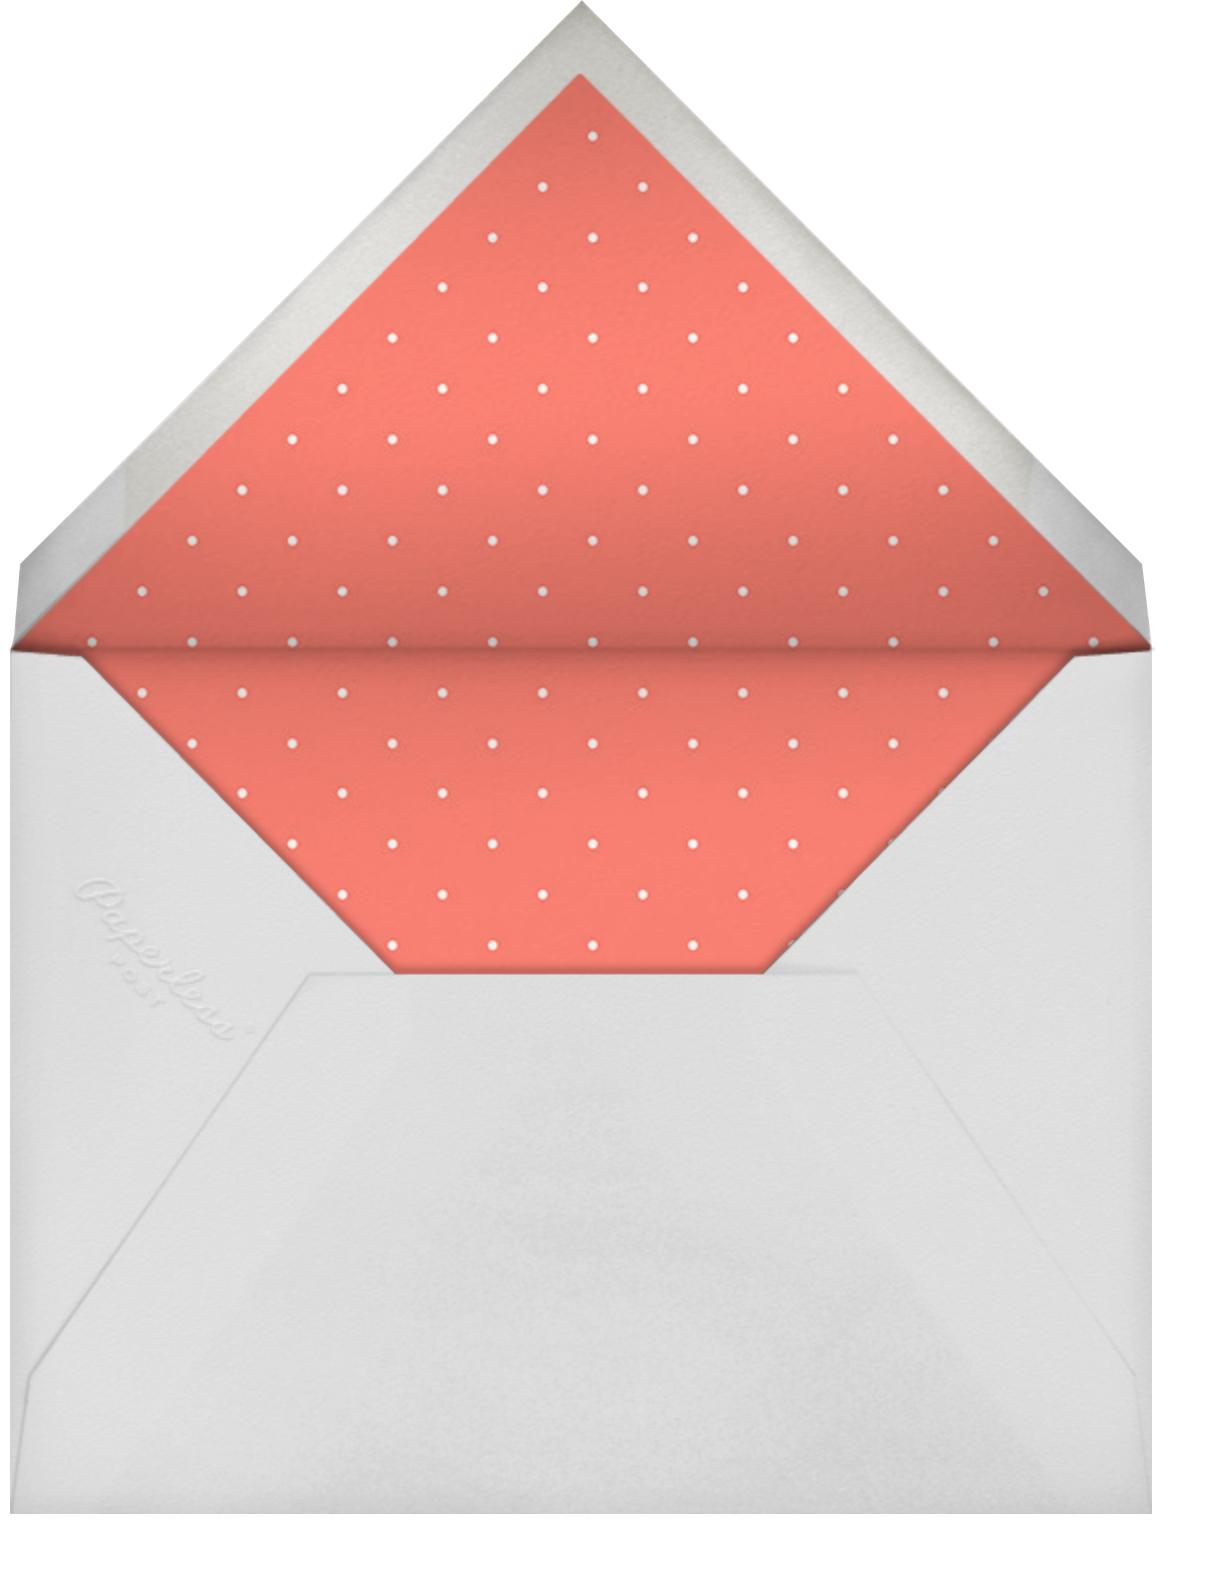 Spec in Capri - Coral  - Mr. Boddington's Studio - Engagement party - envelope back